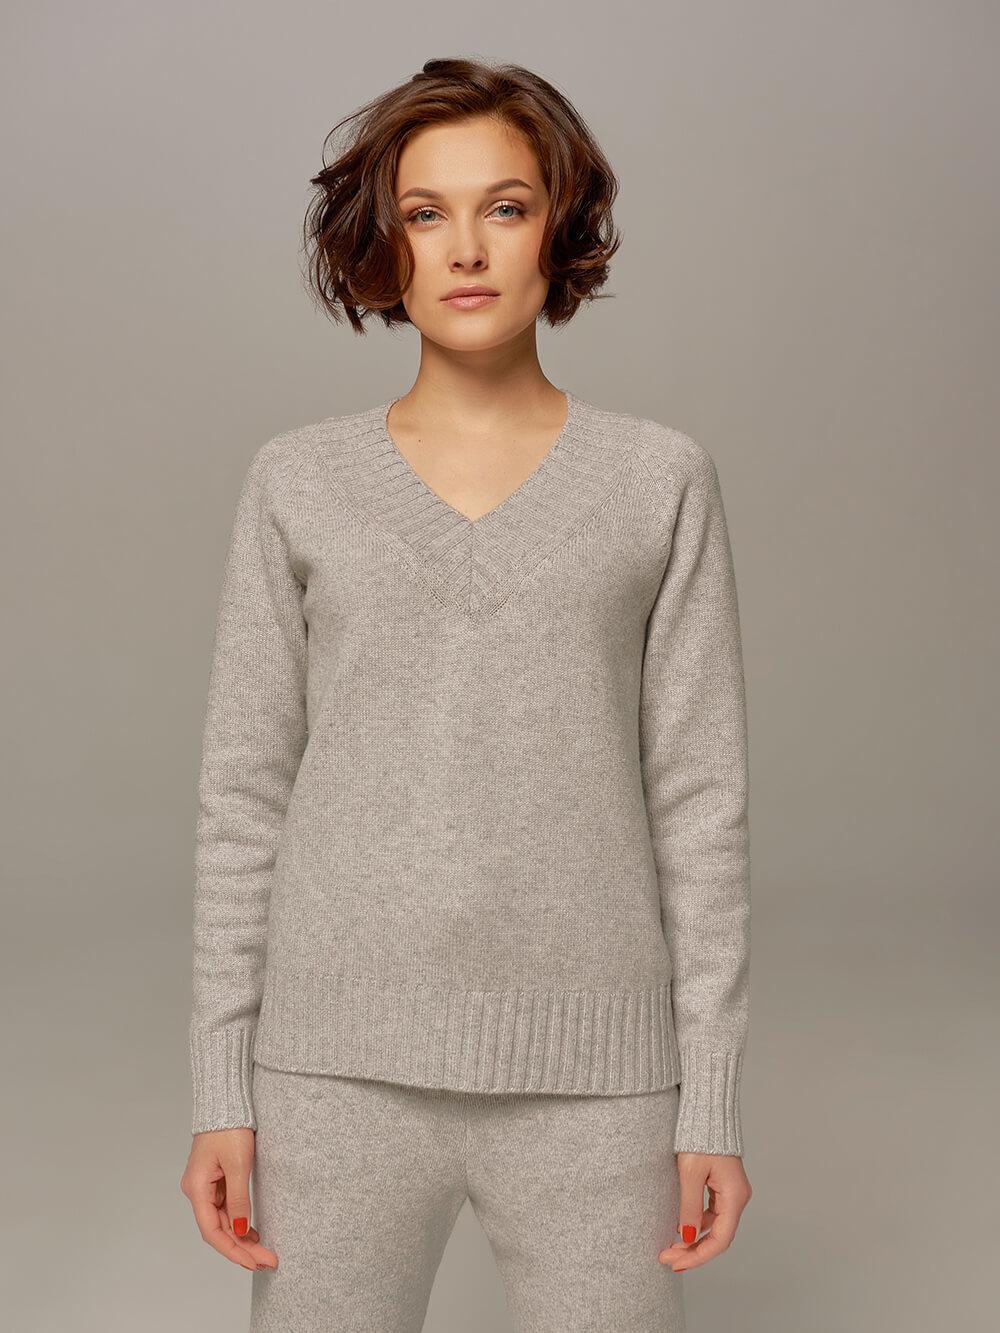 Женский джемпер светло-серого цвета из шерсти и кашемира  - фото 1